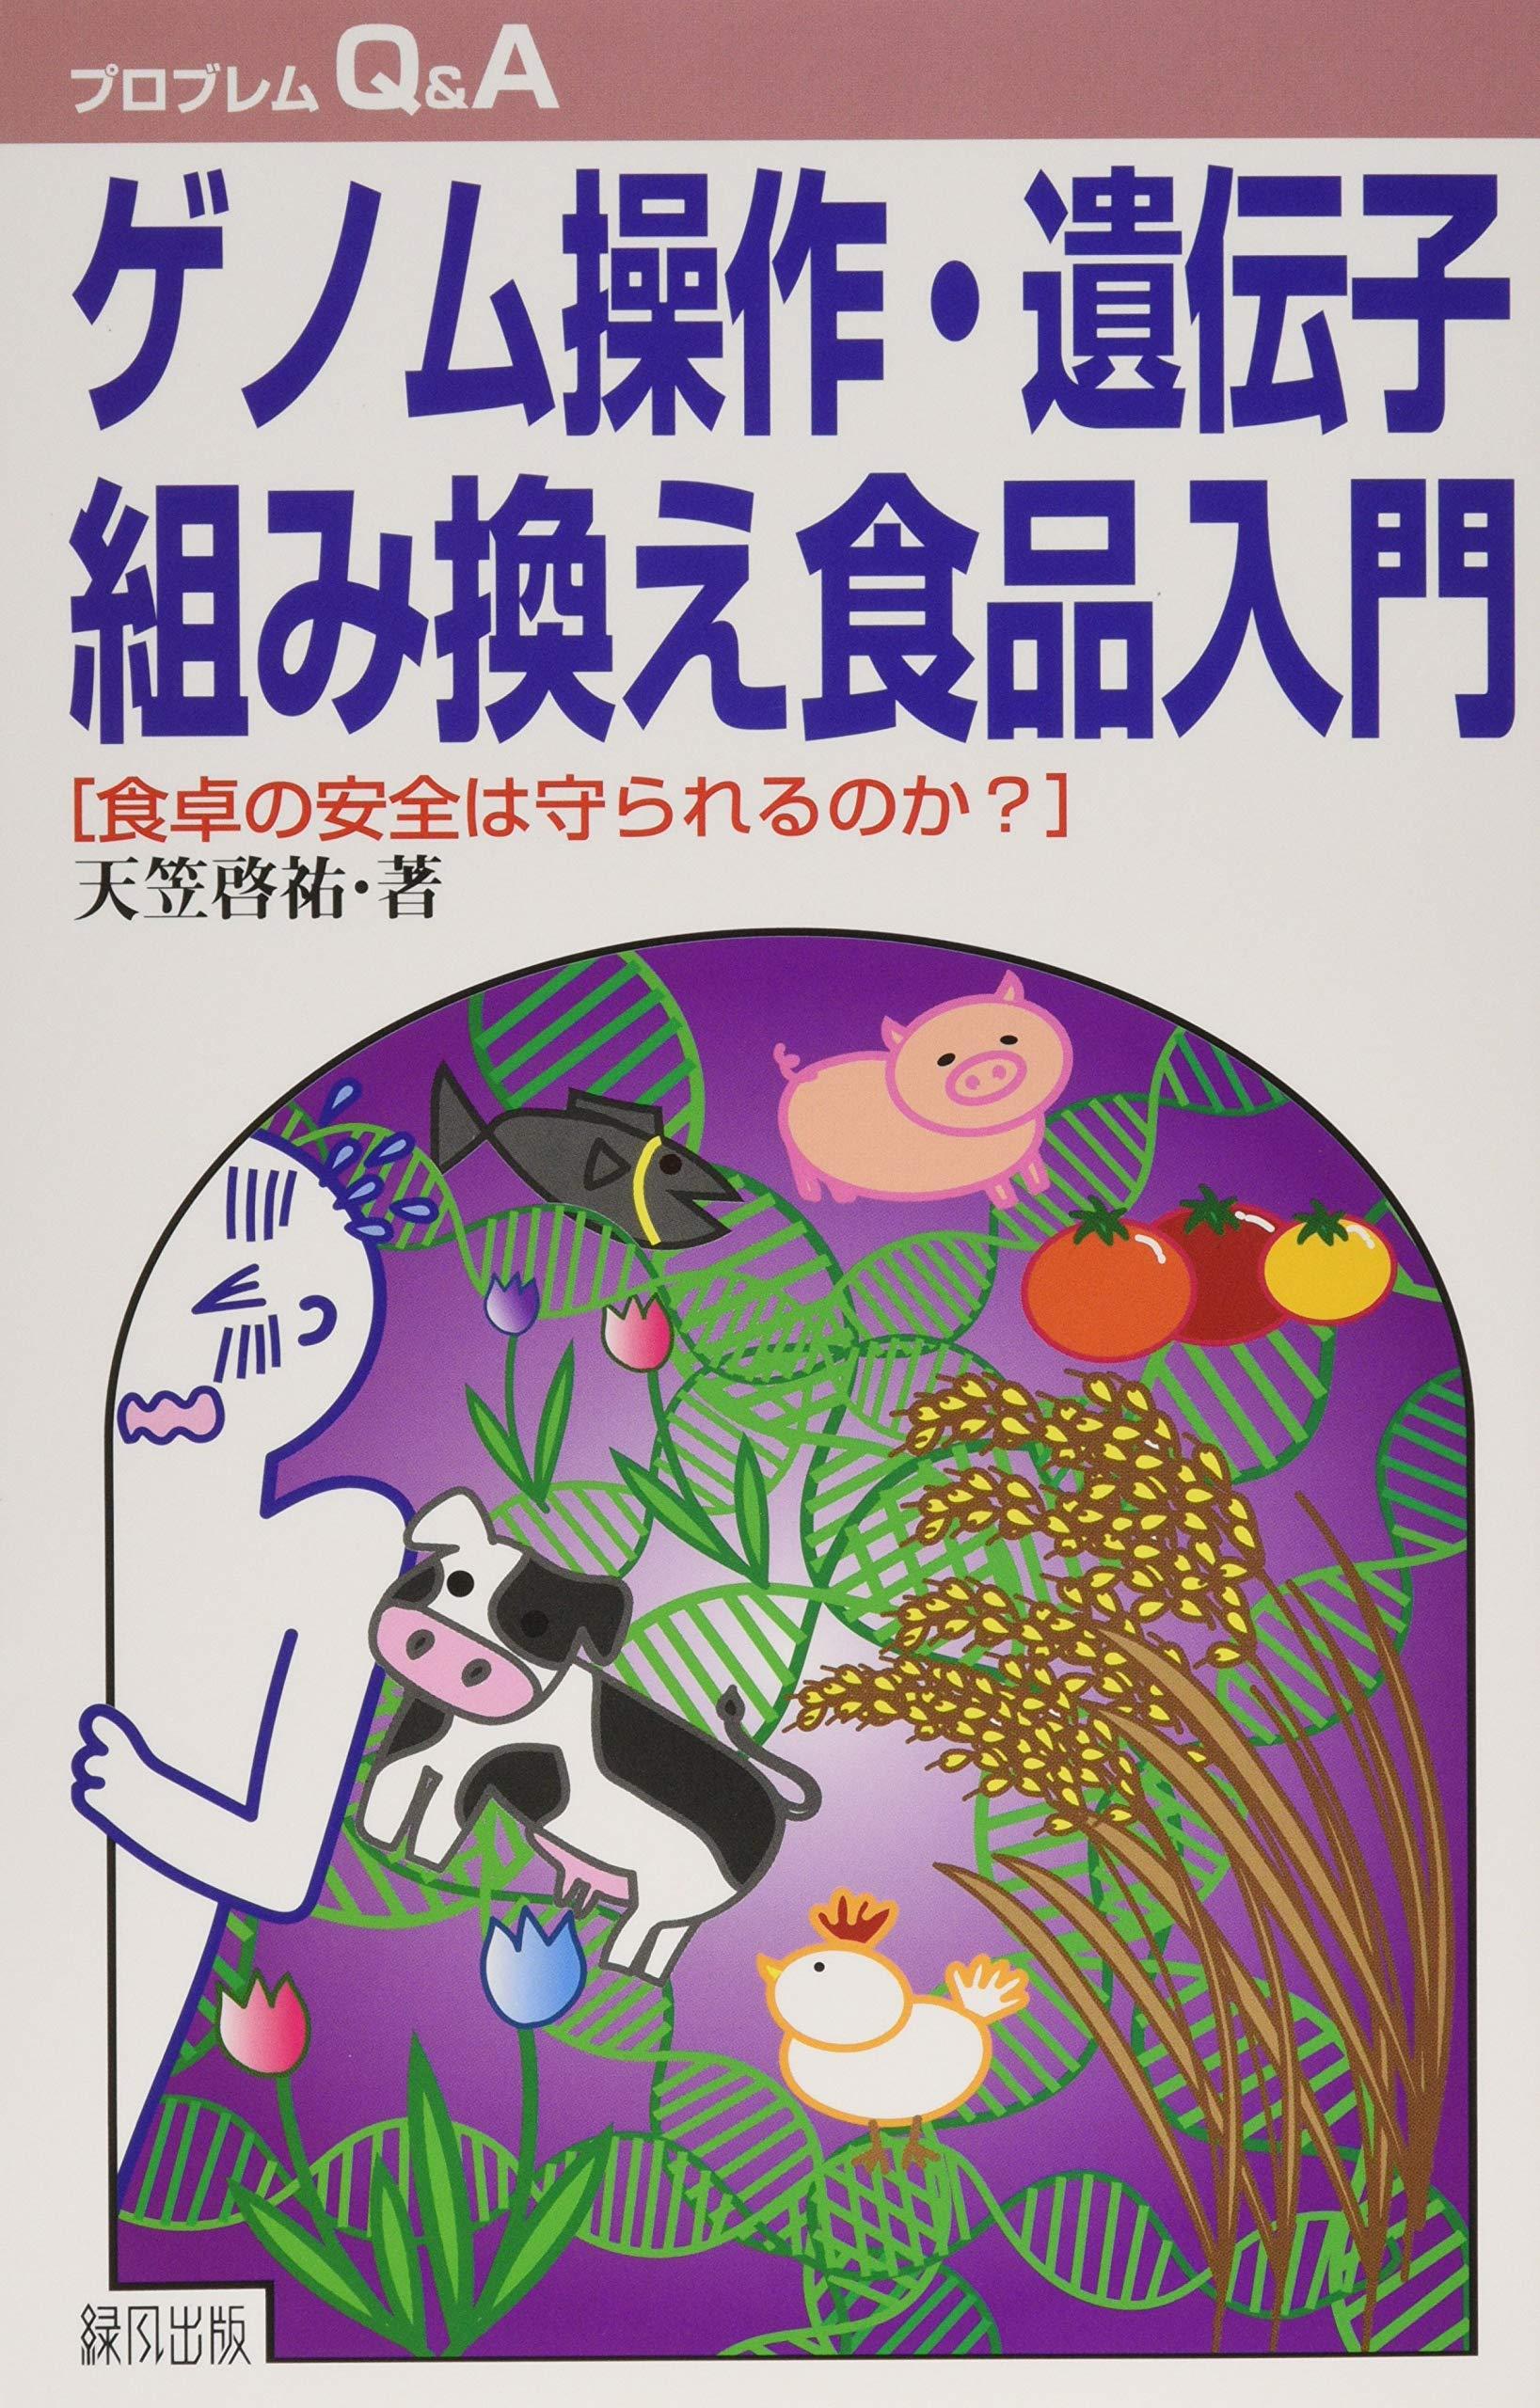 一覧 遺伝子 組み換え 食品